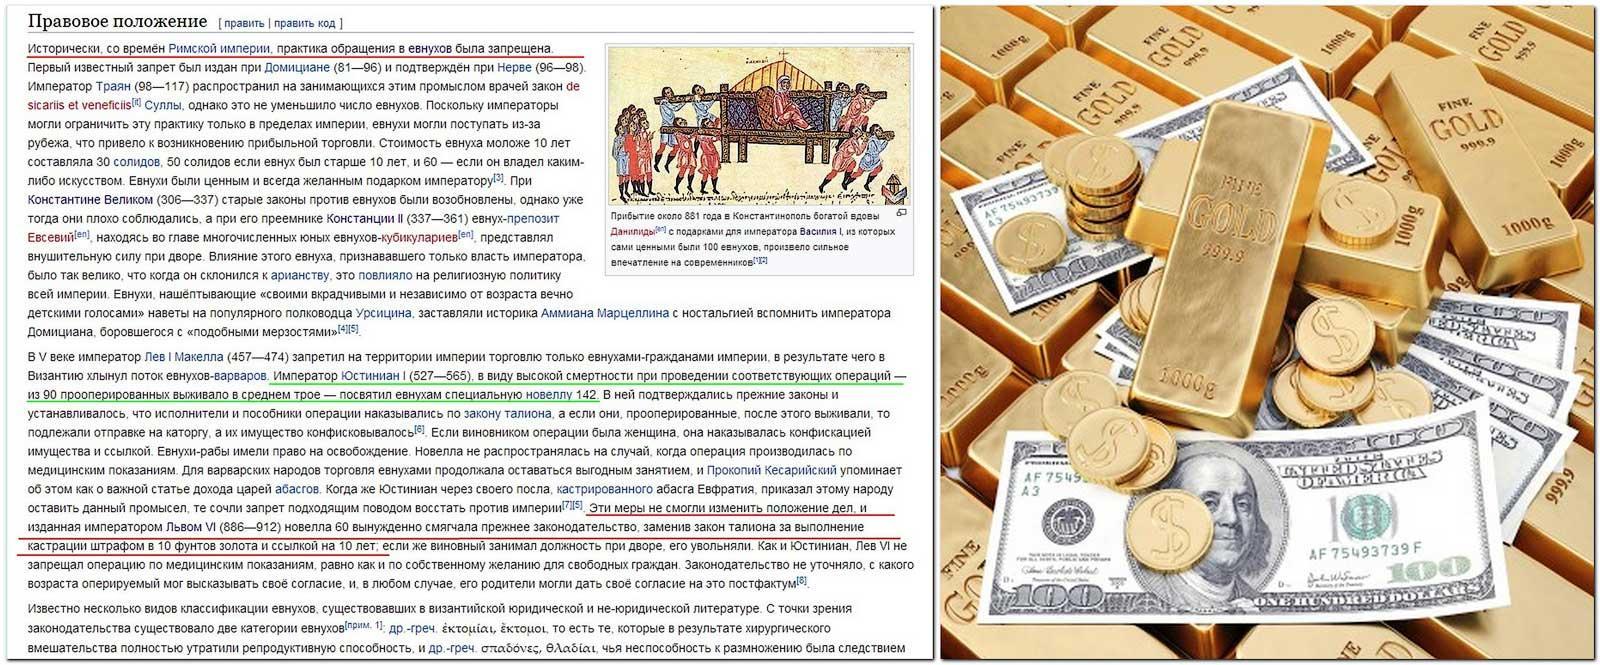 Штраф 450.000 долларов золотом за кастрацию (насильственное обрезание) двух мужчин.